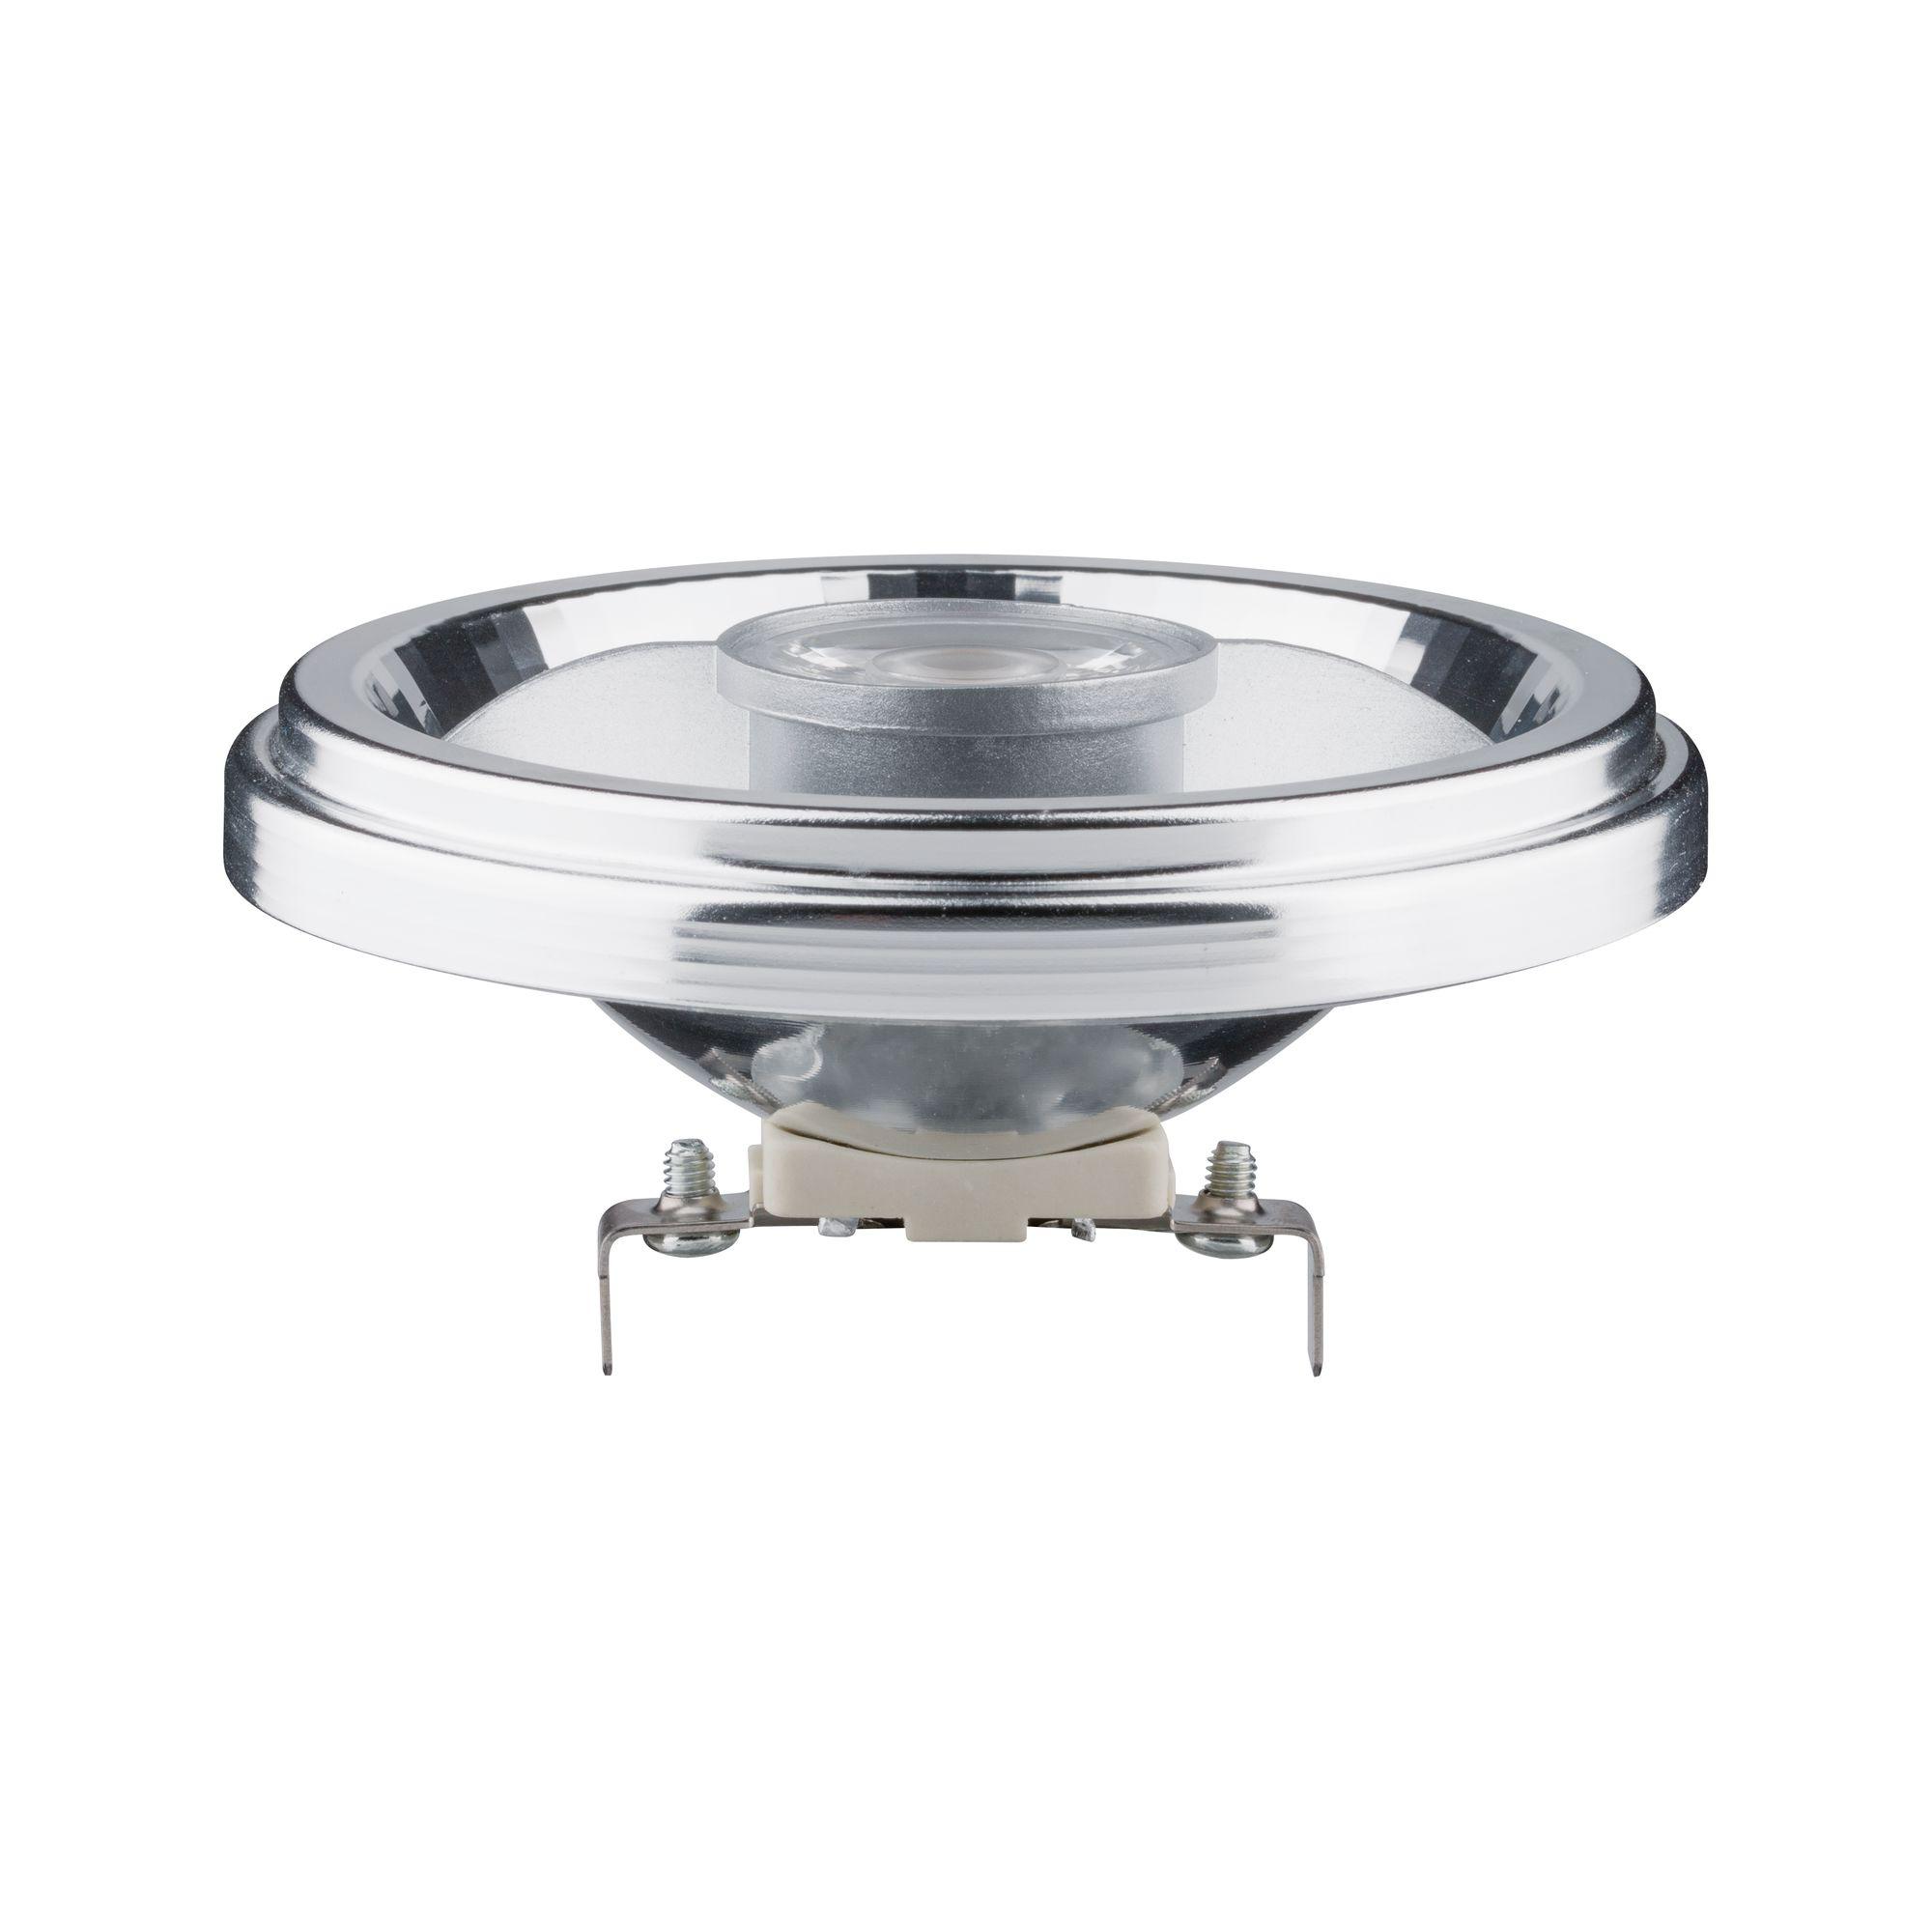 Лампа светодиодная Paulmann Рефлекторная AR111 8Вт 500Лм 2700К G53 230В Прозрачный Алюминий 28515.